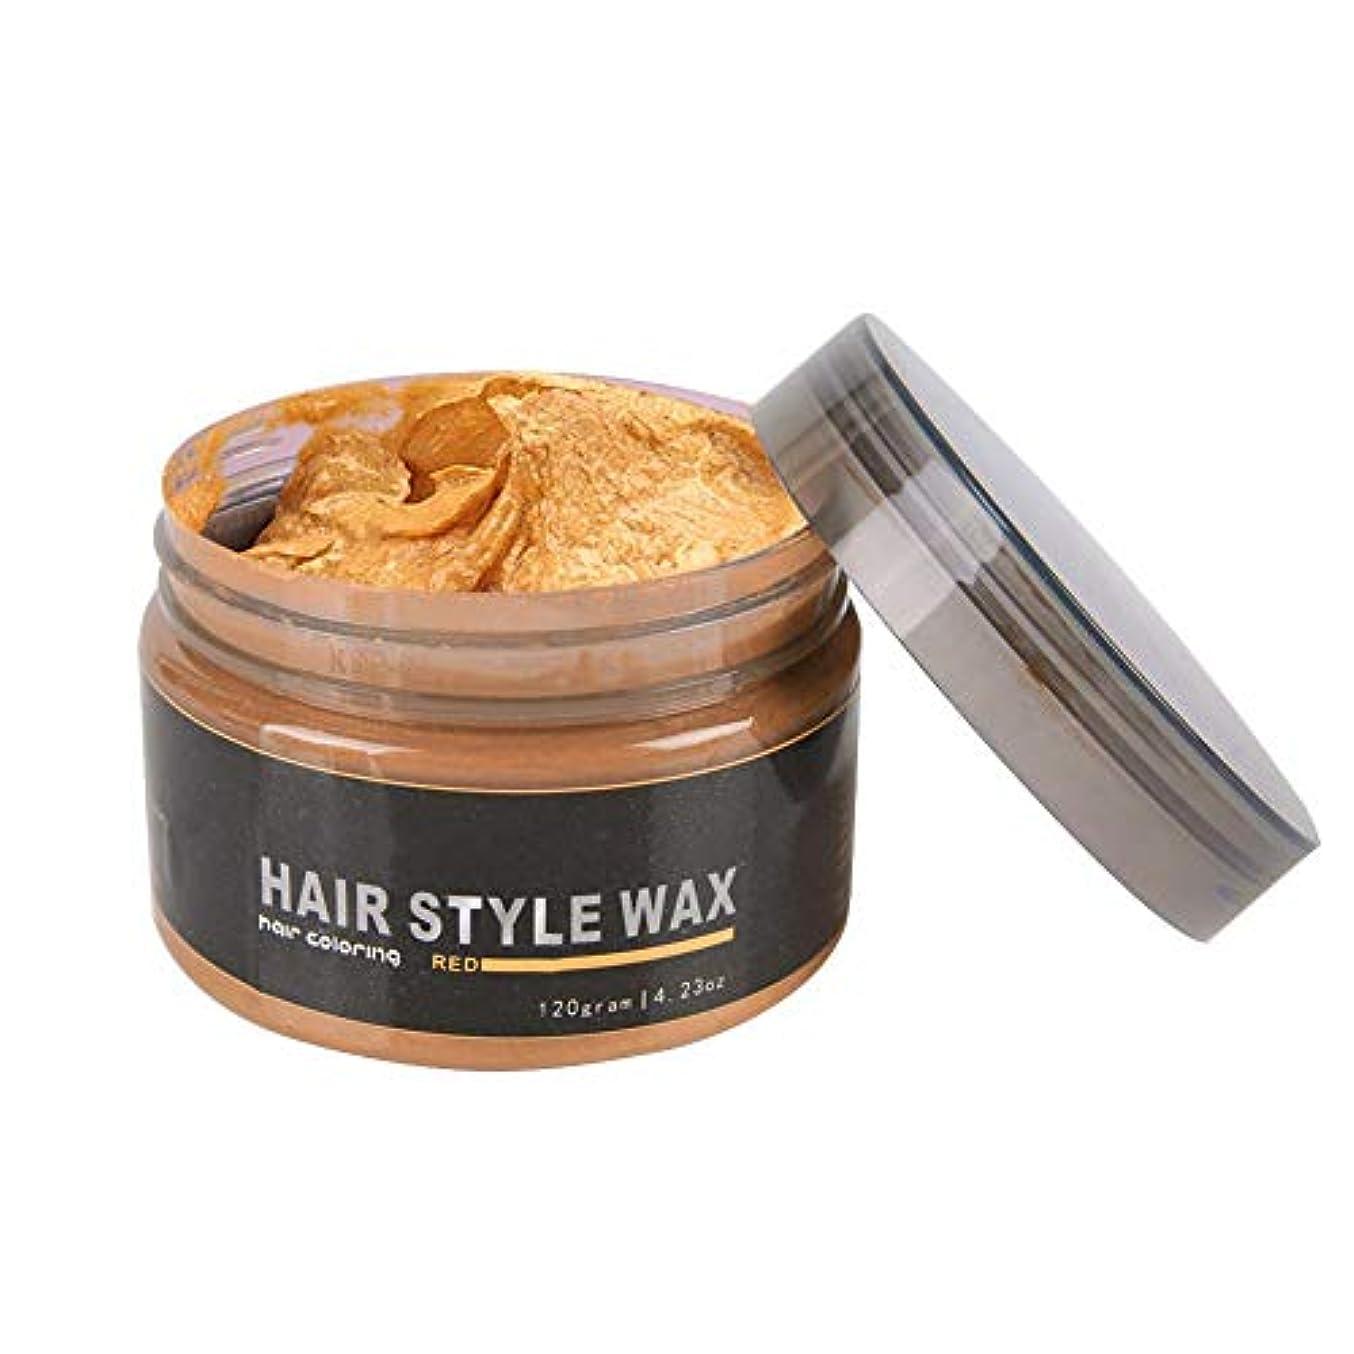 洗う連隊コンテスト使い捨てヘアカラーヘアマッドヘアーワックスおばあちゃんアッシュ120g大容量7色(ゴールド)